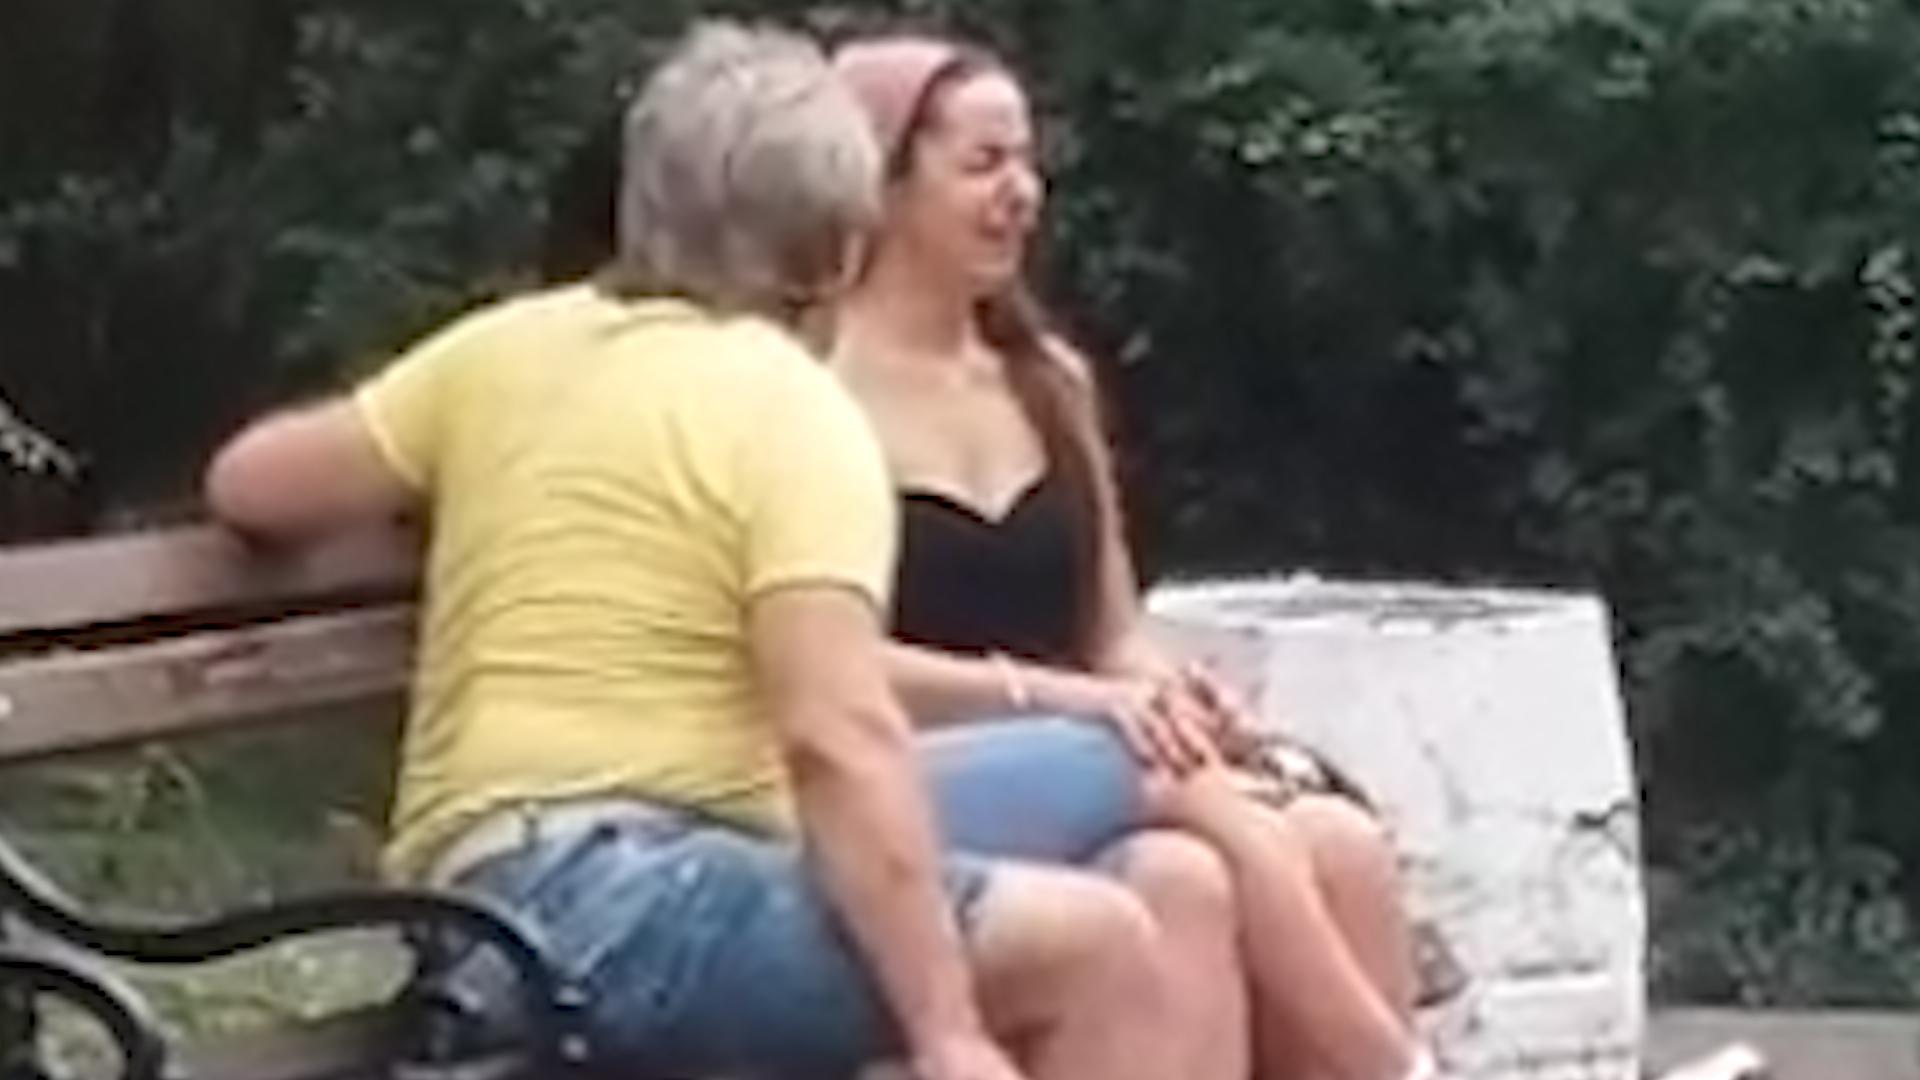 Parove parovi traze Parovi Upoznavanje